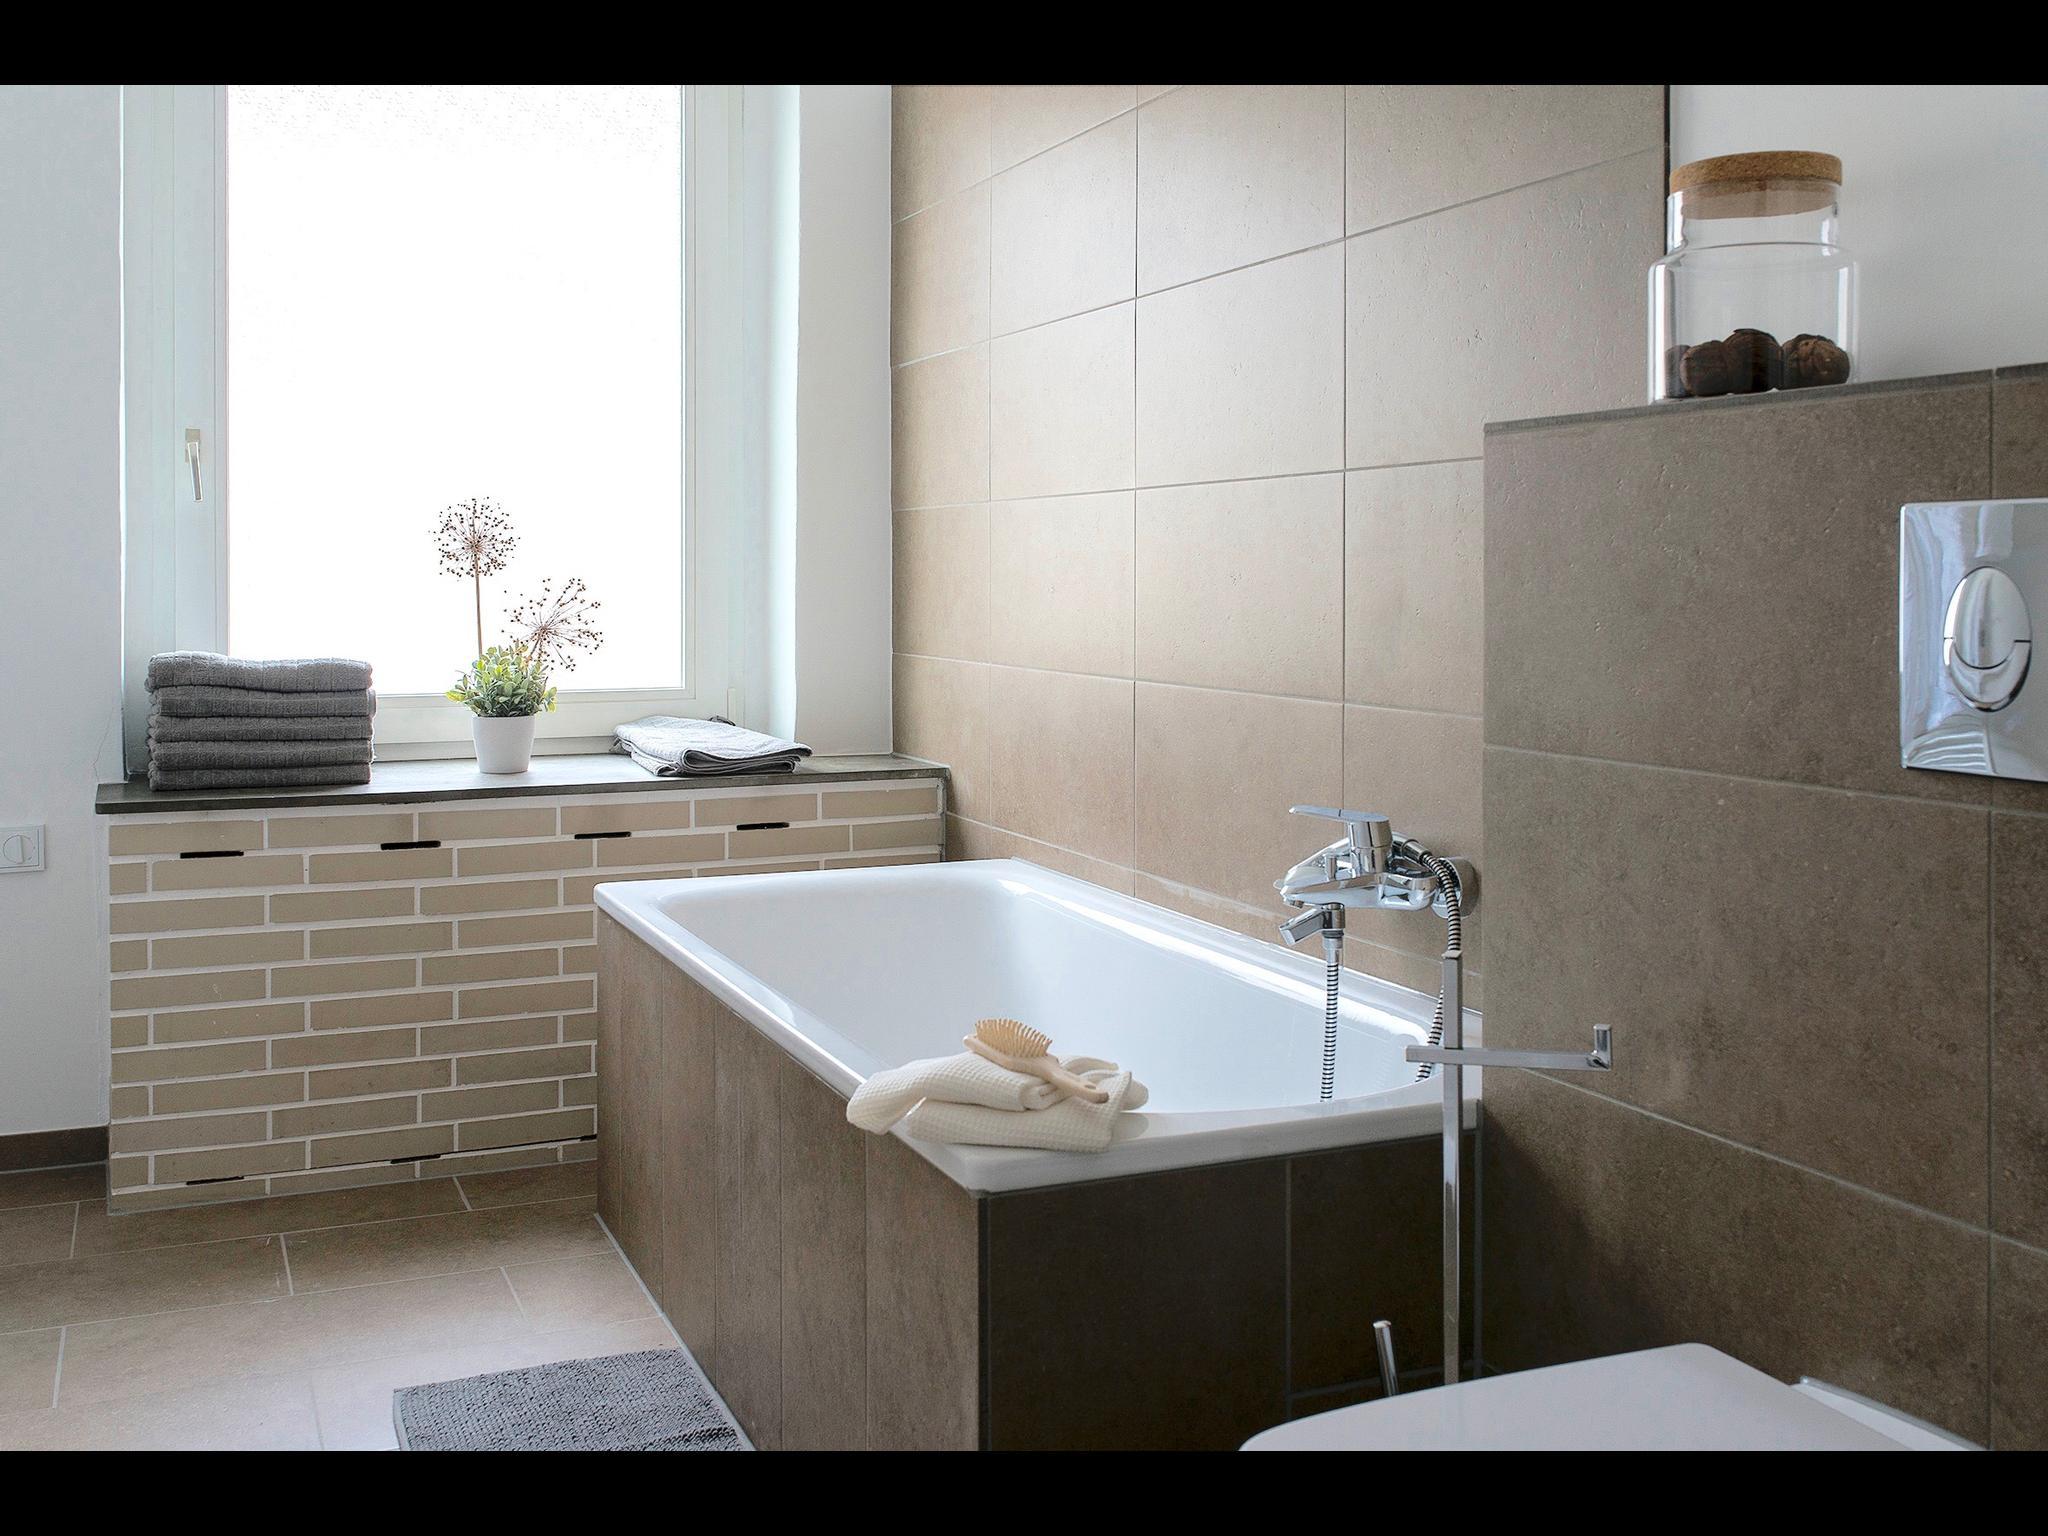 Wartenburg - Top floor apartment in Berlin